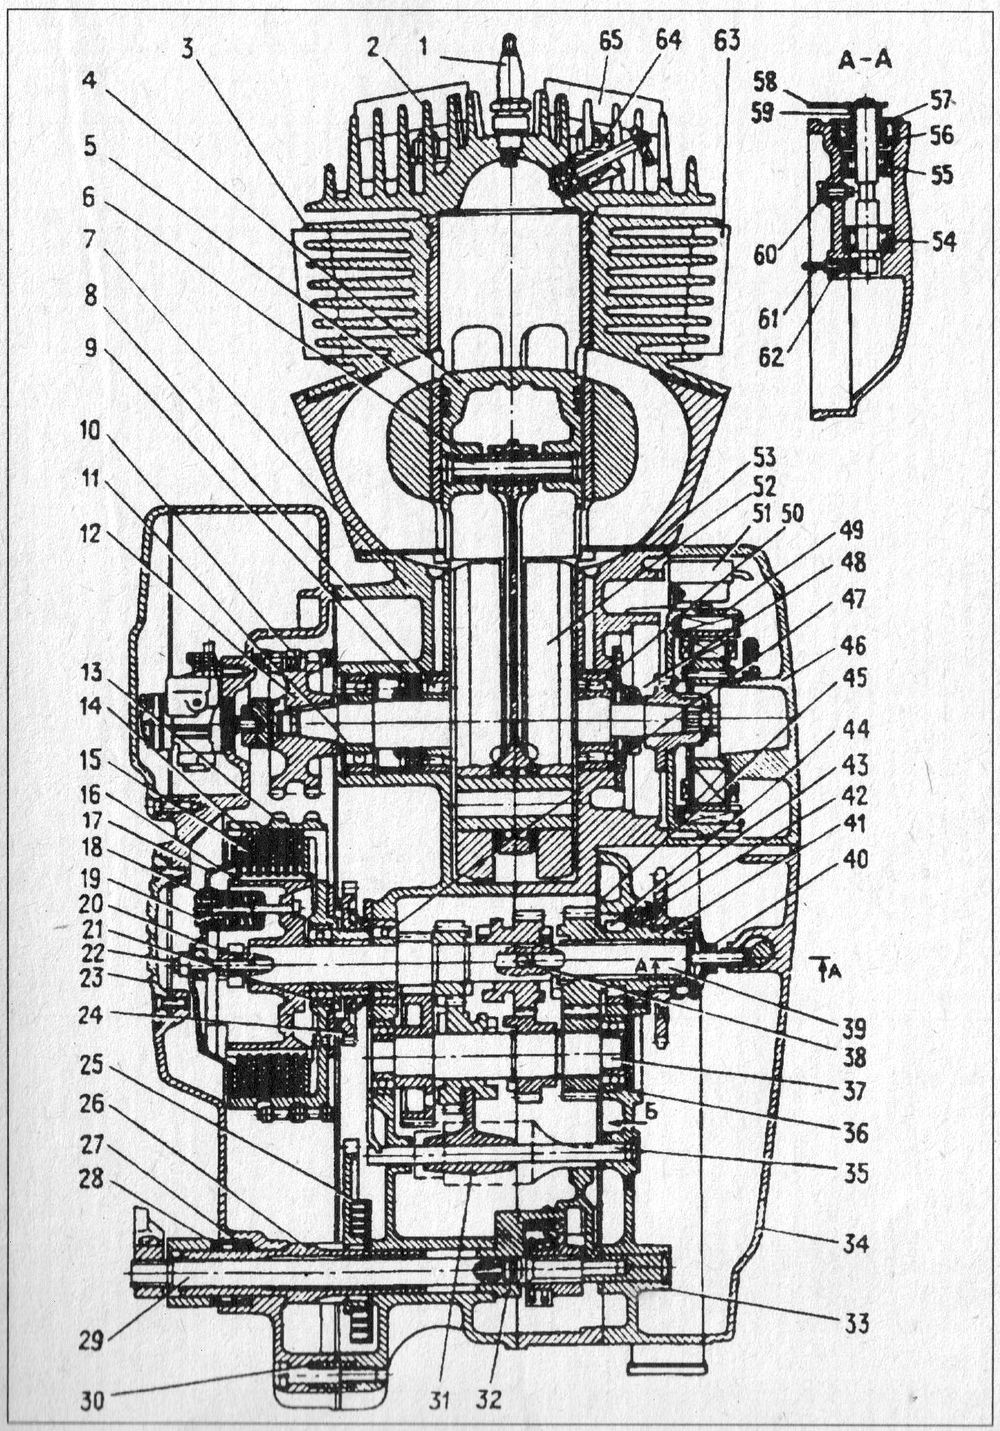 Конструкция двигателя Планета 5-01 с муфтой сцепления и коробкой передач (в разрезе).